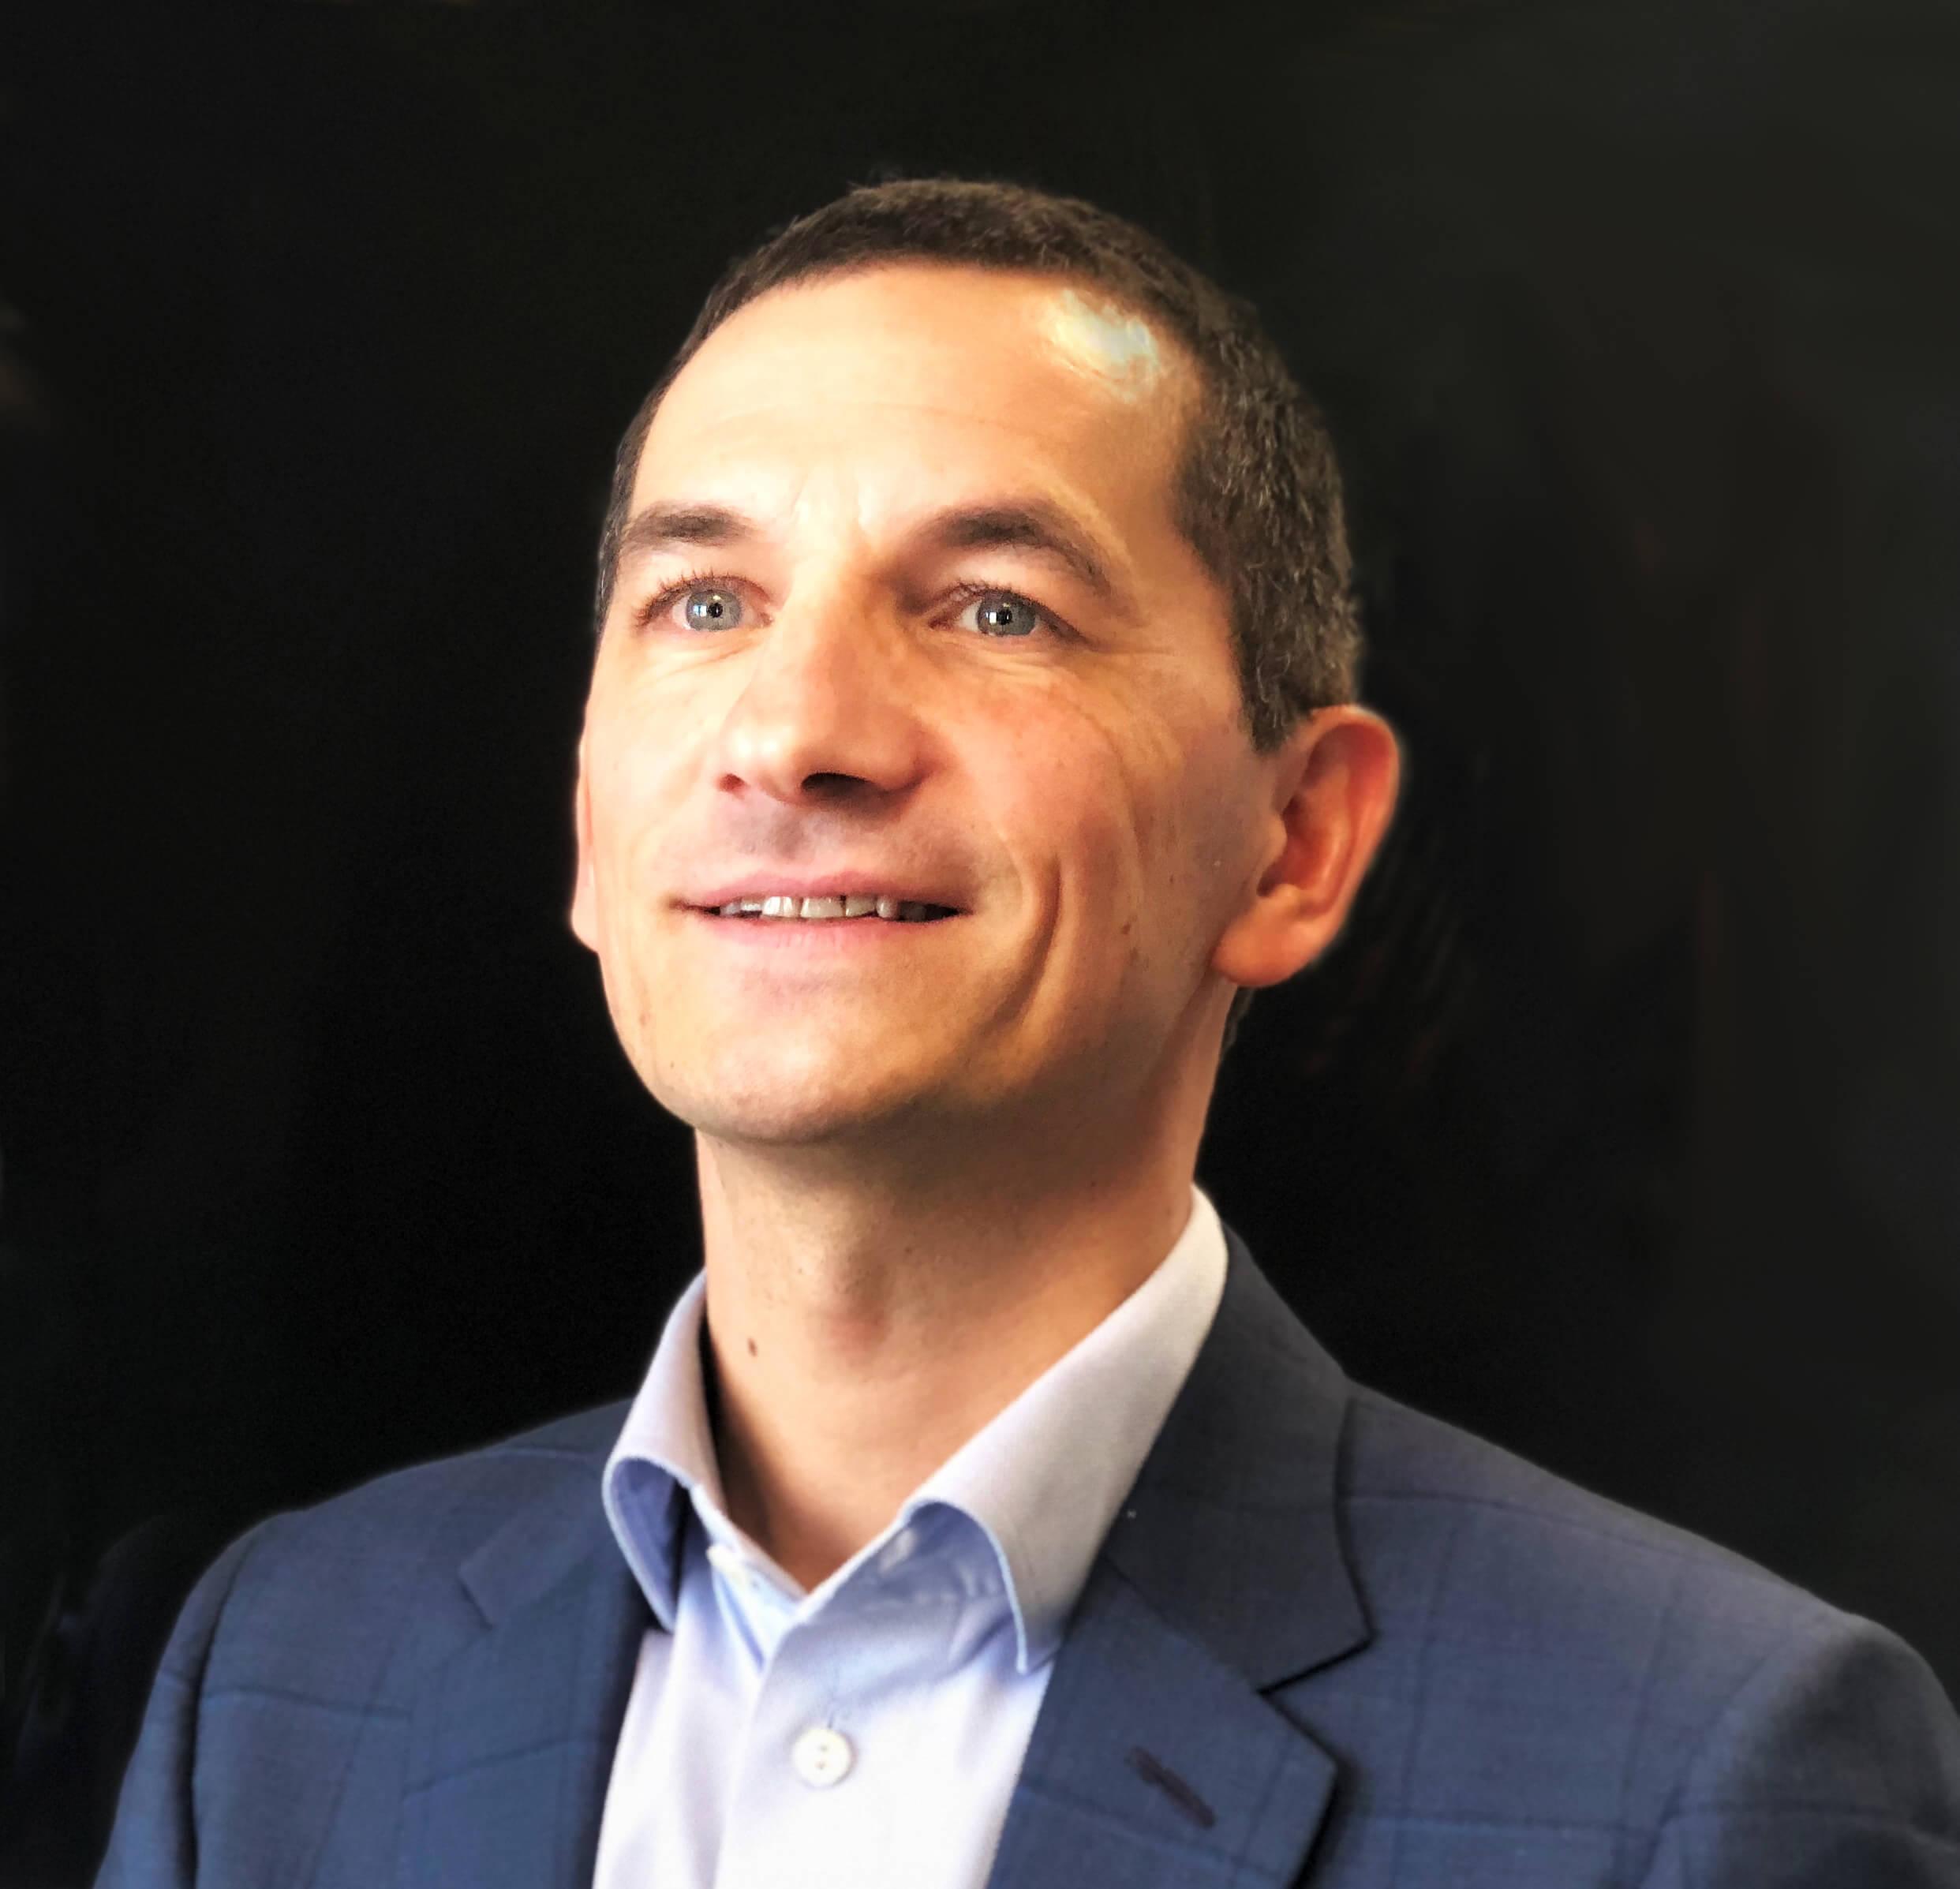 Nicolas Furge Marlink